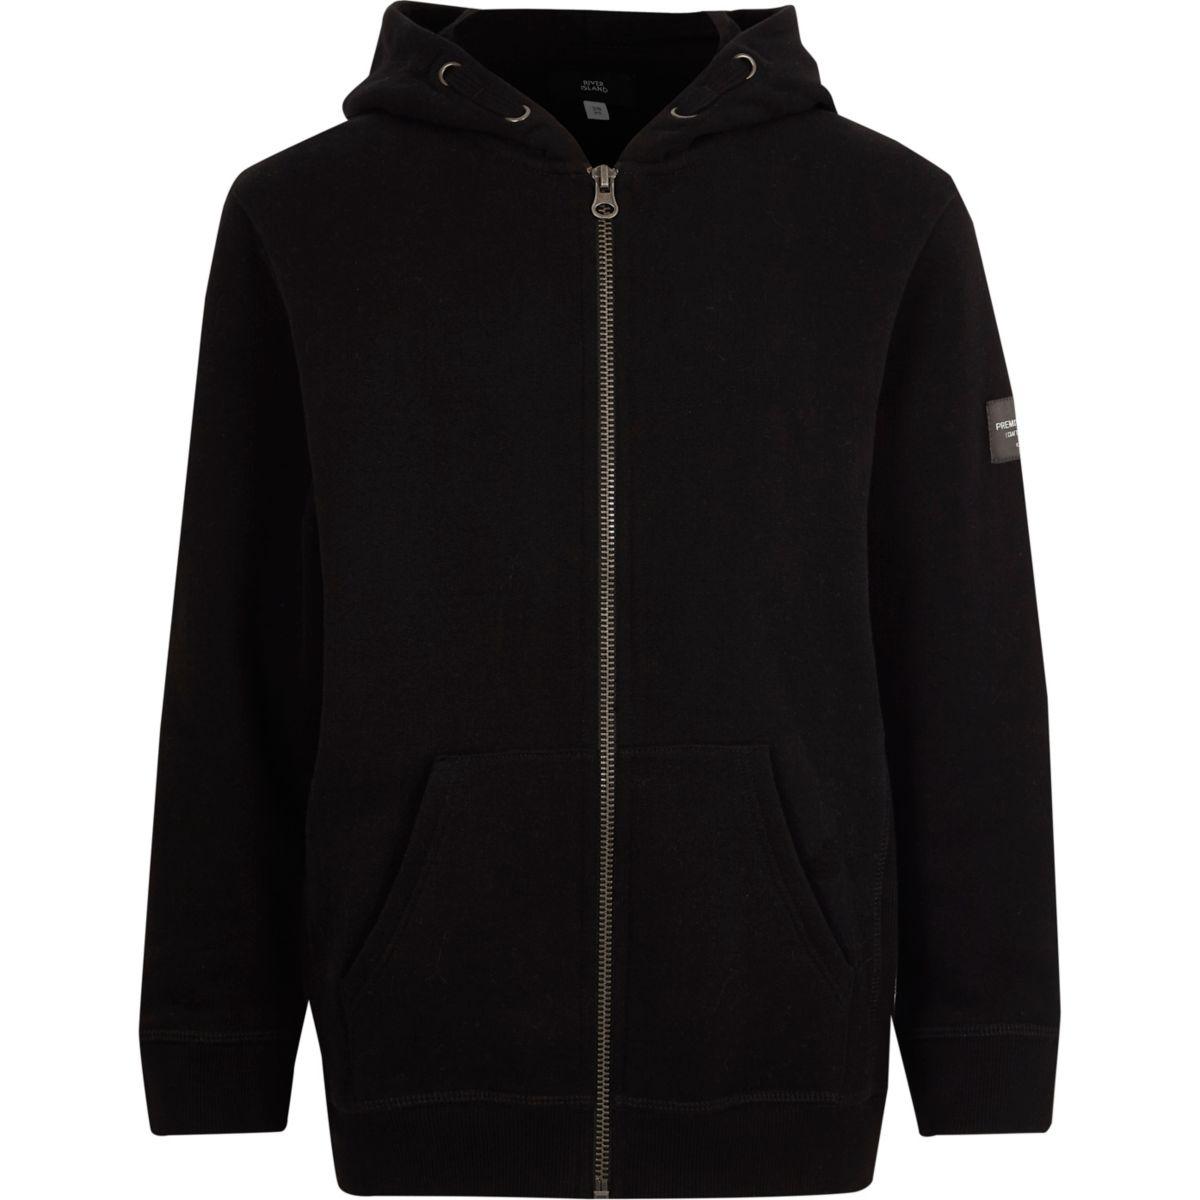 Boys black long sleeve zip up hoodie